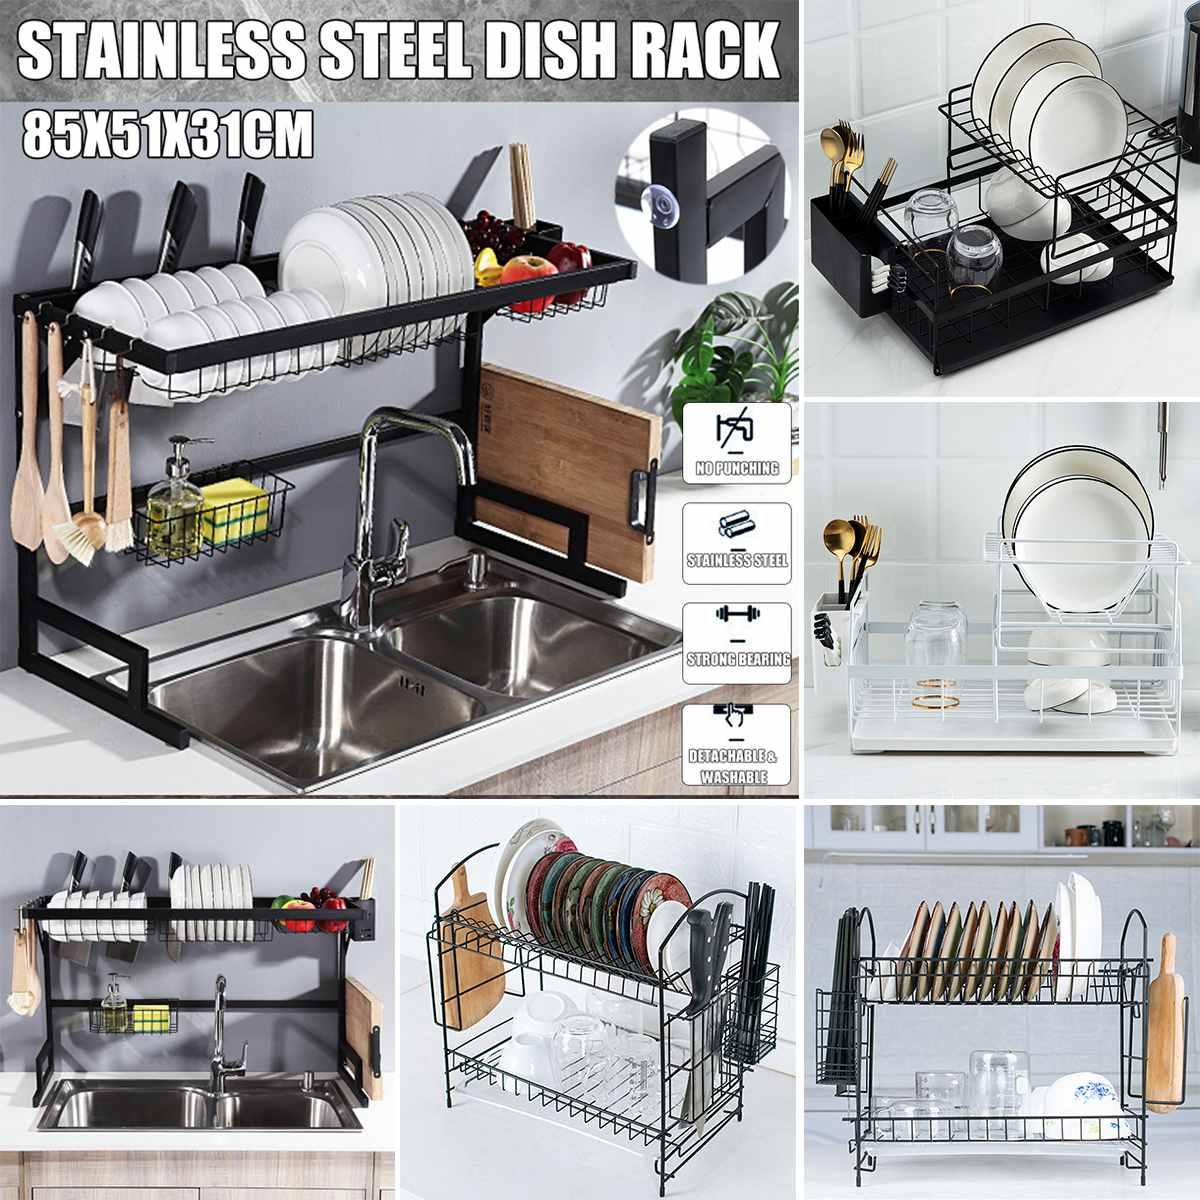 อลูมิเนียมจานห้องครัวจัดเก็บ Drainer แห้งแผ่นชั้นวางอ่างล้างจานอุปกรณ์มีดและส้อมคอนเทนเนอร์